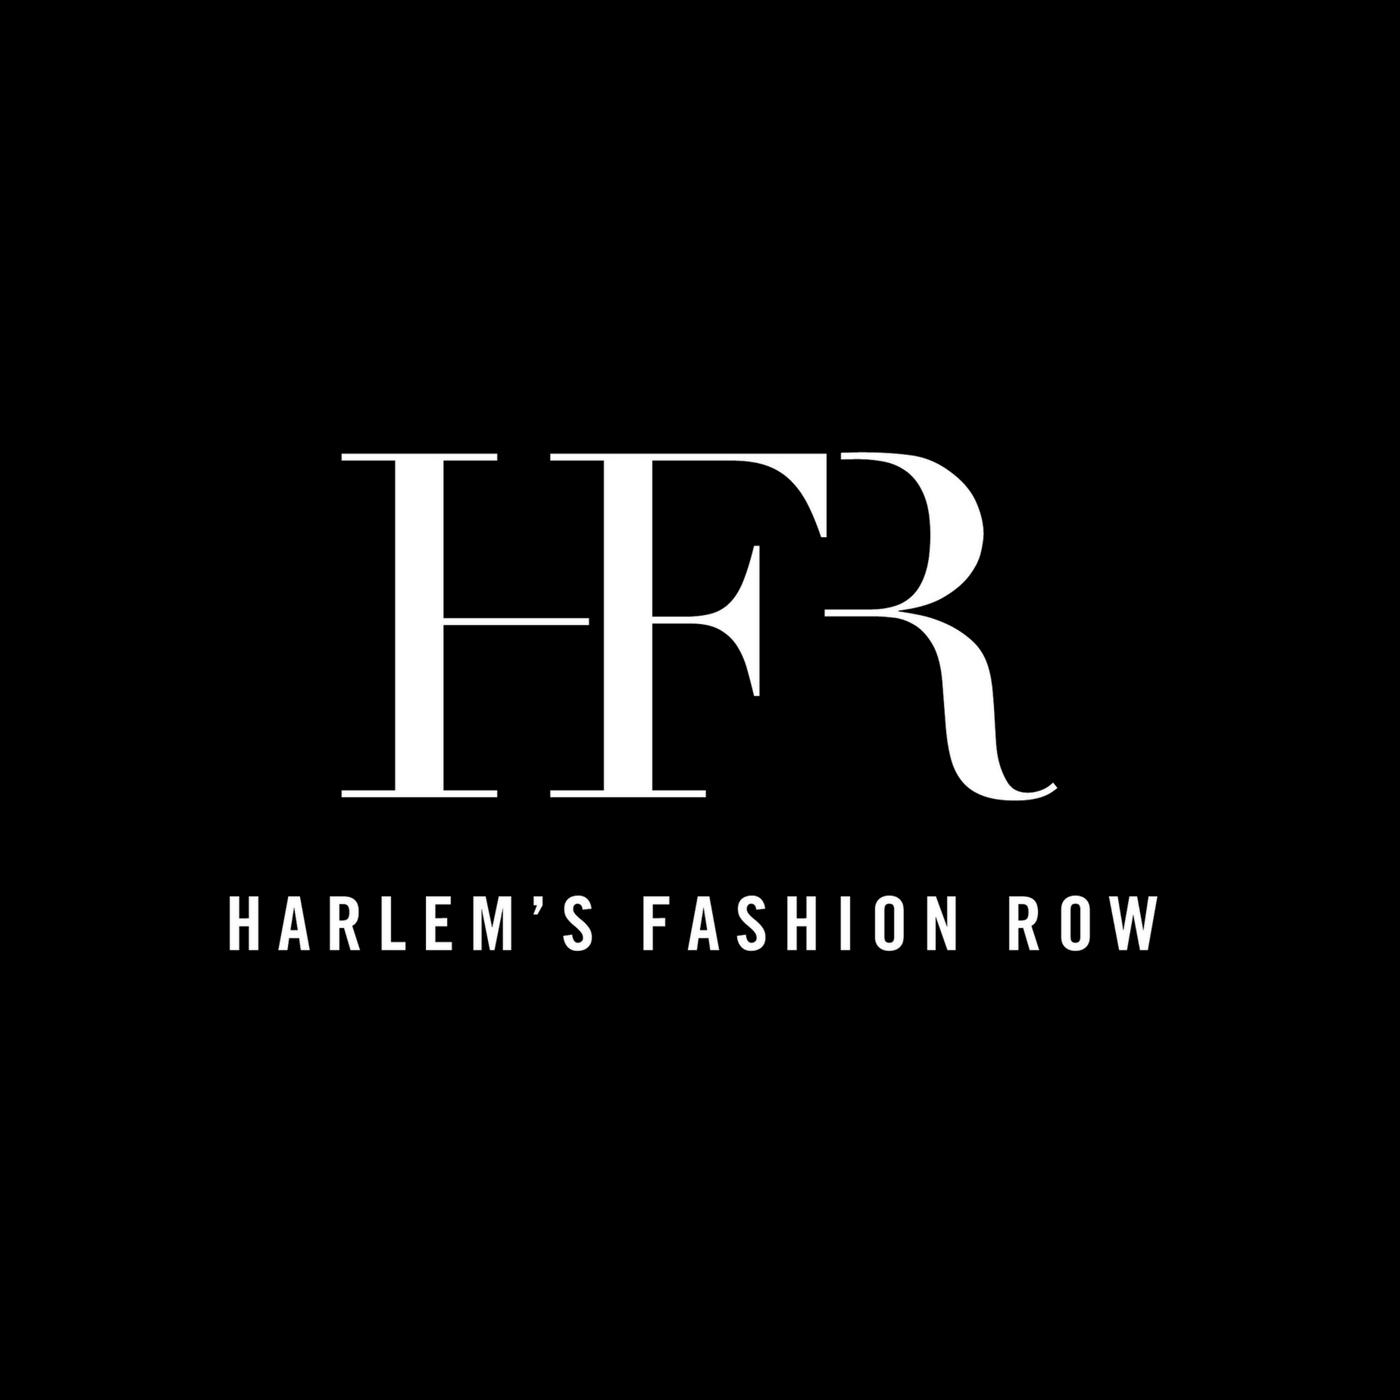 Harlem Fashion Row Logo Blk.jpg